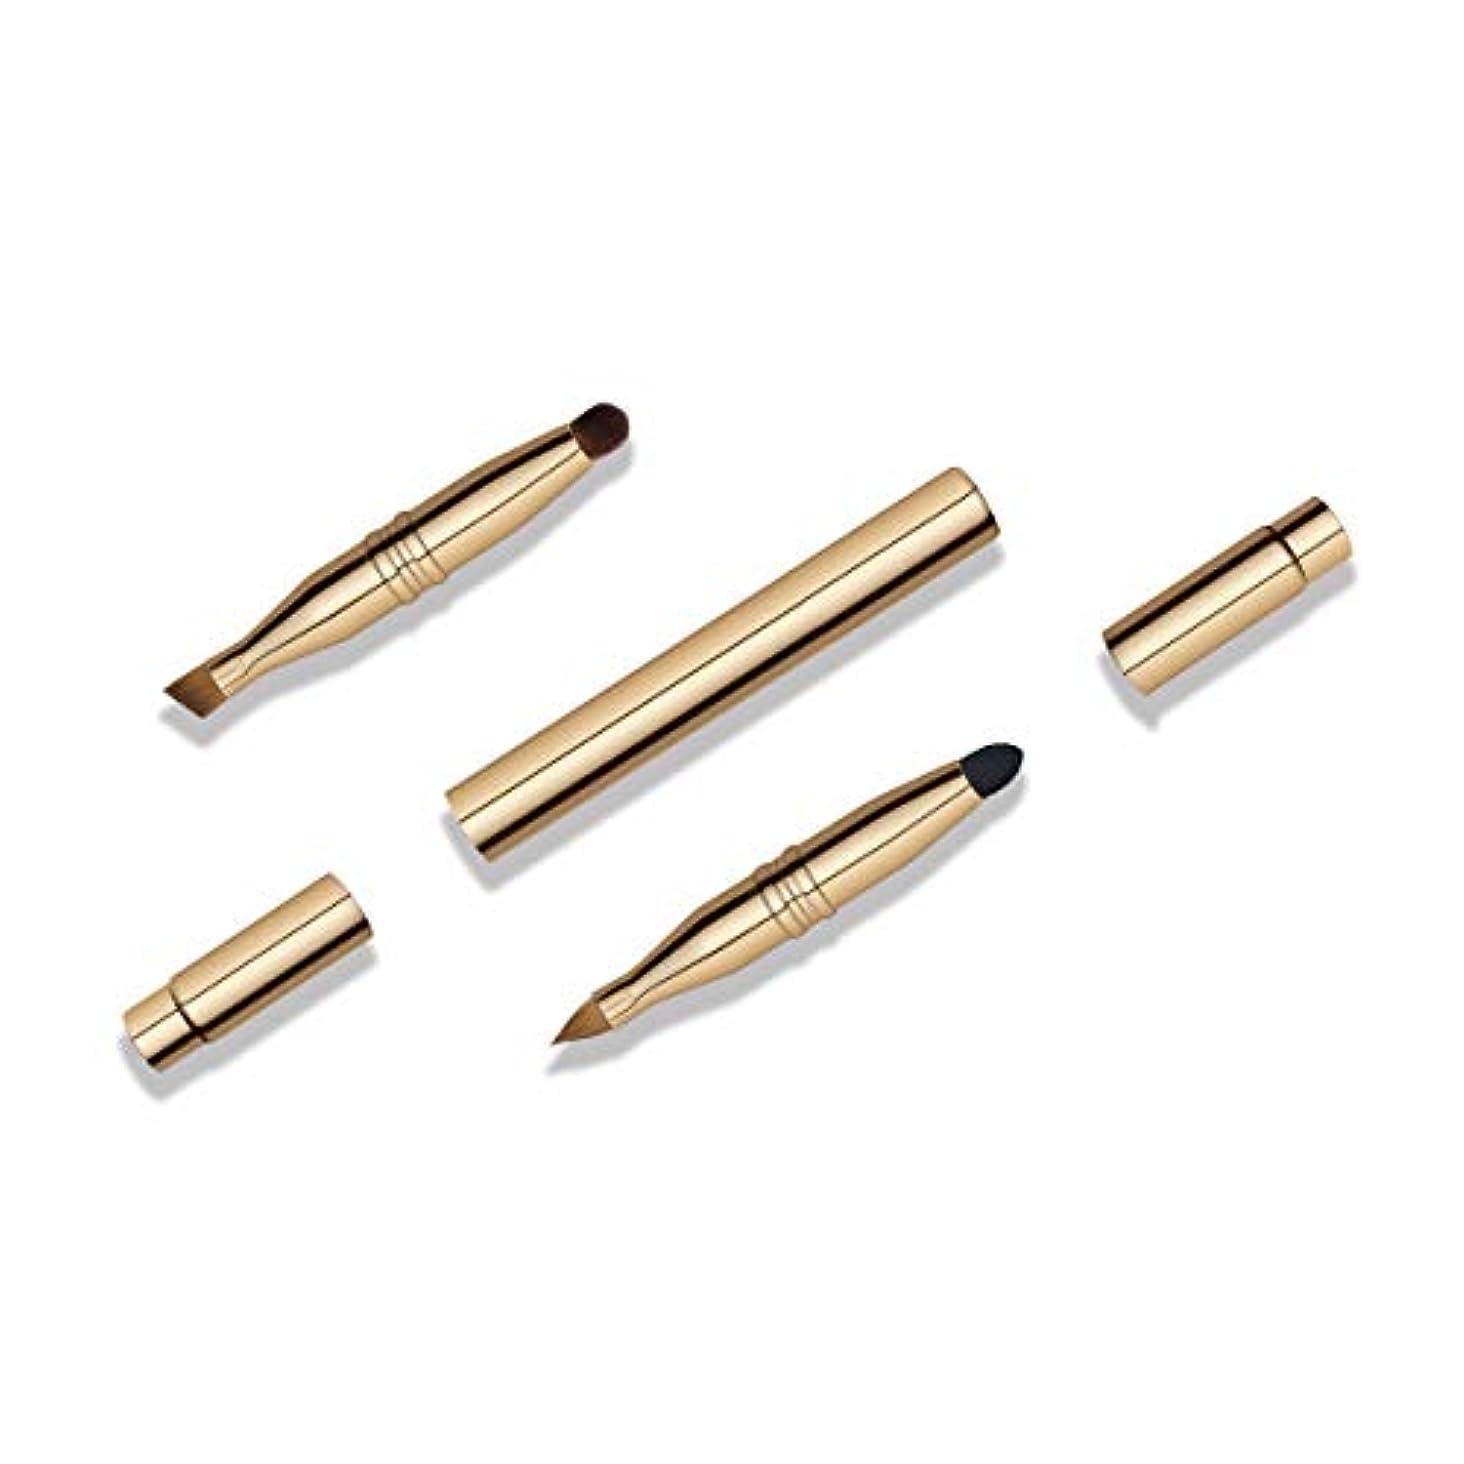 忘れられないコウモリうれしいBLD 伸縮式携帯用4ヘッドメイクブラシ スライド式 4エンド化粧筆